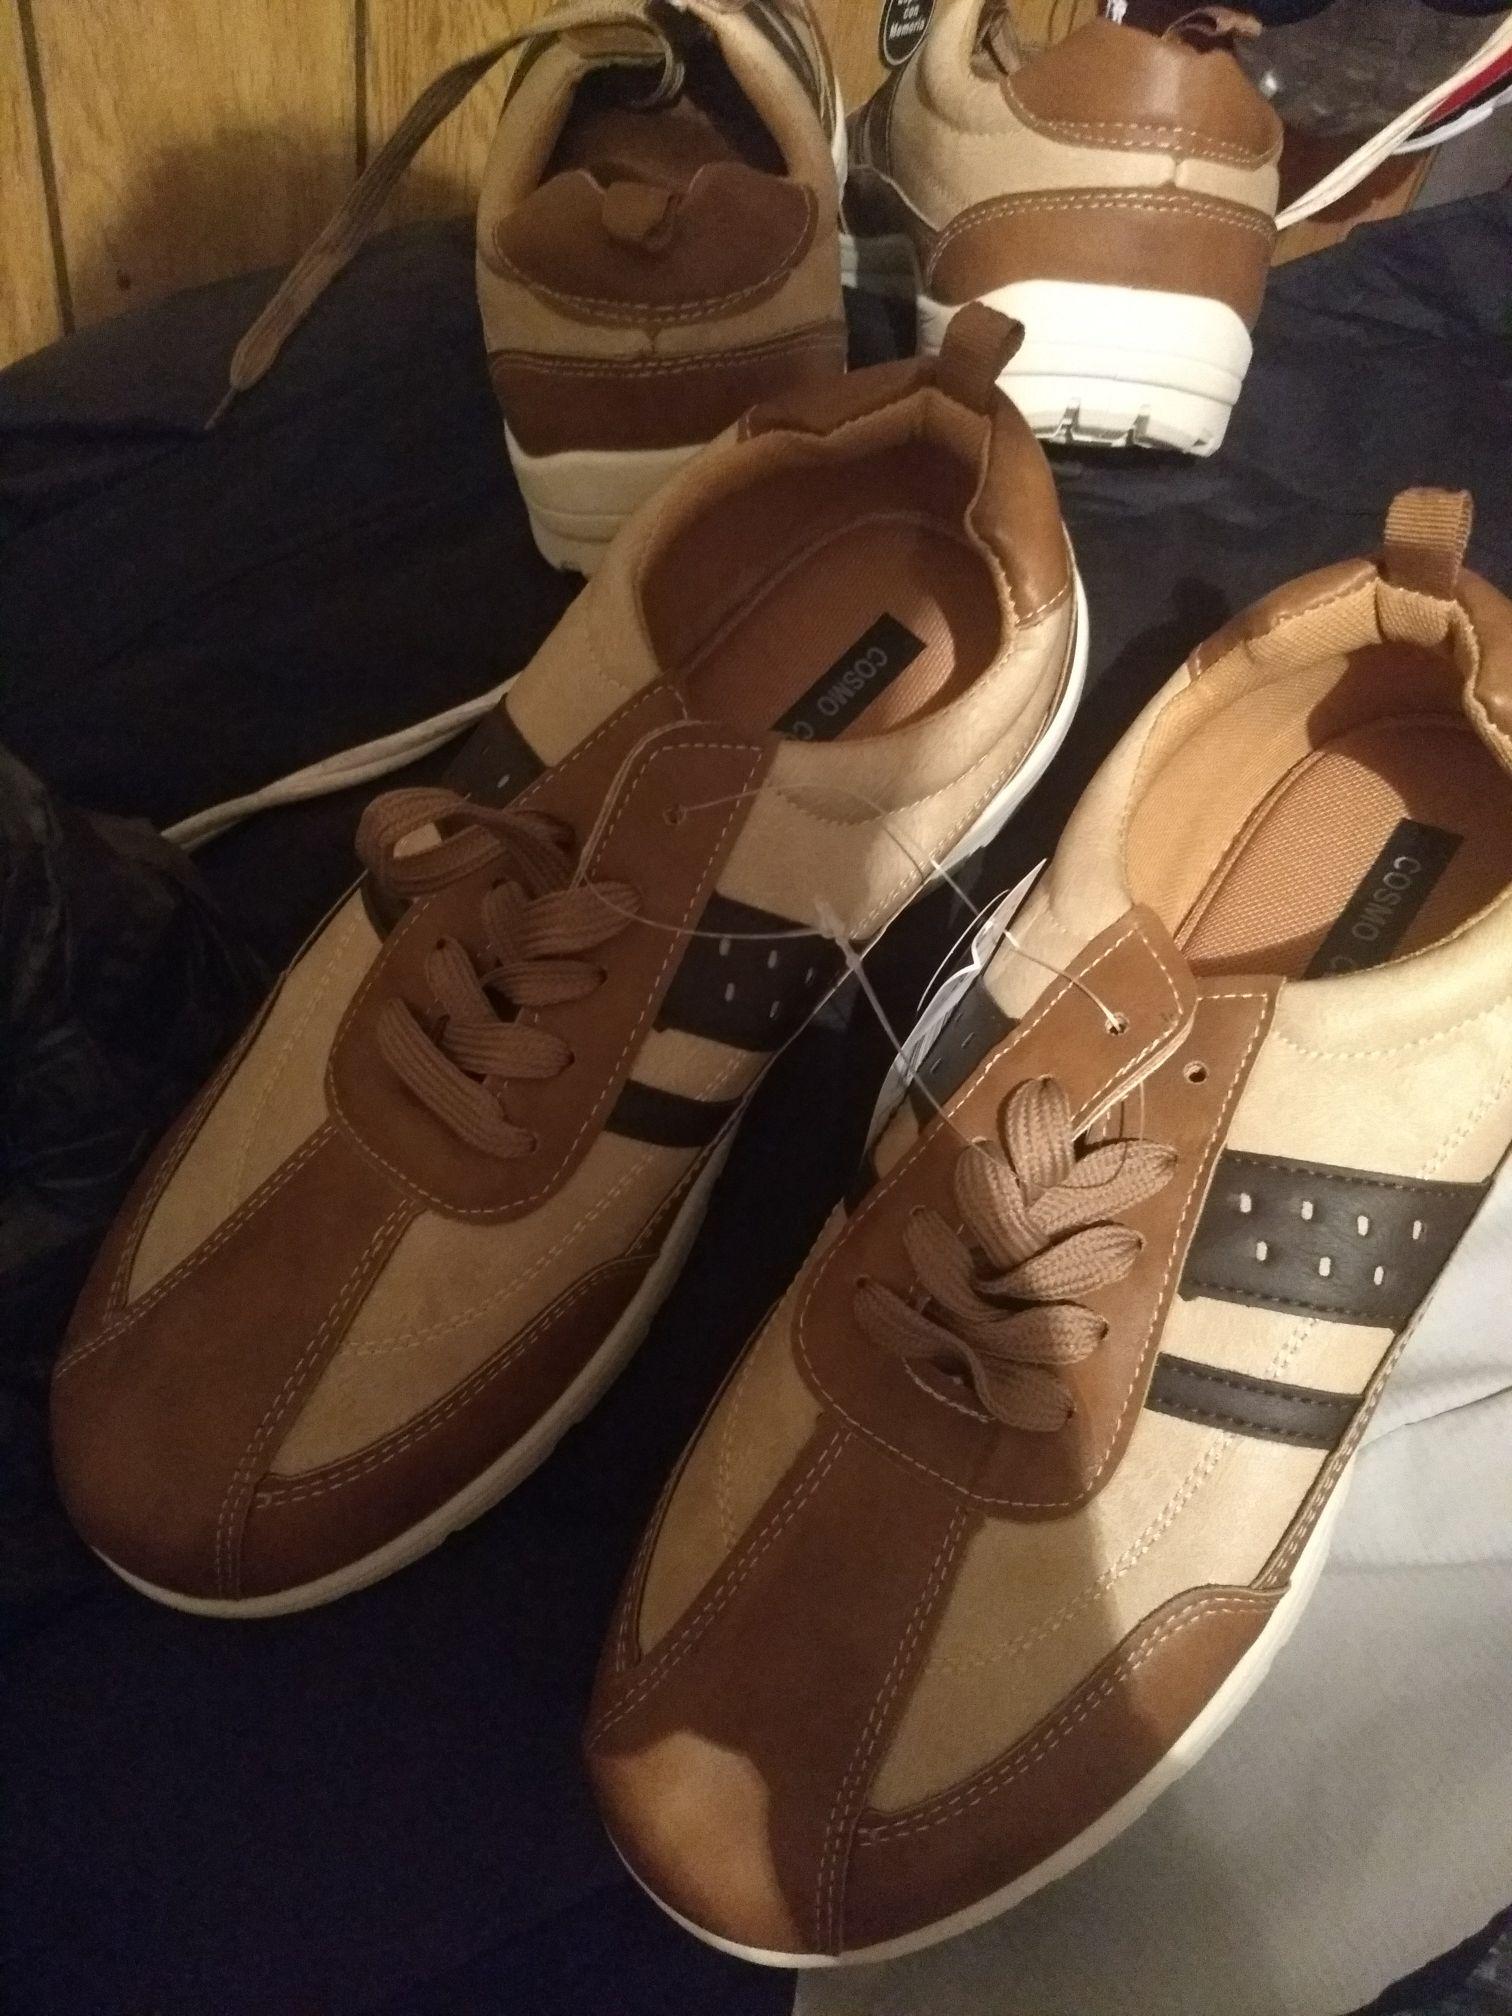 Walmart:zapatos tipo bolos promonovela